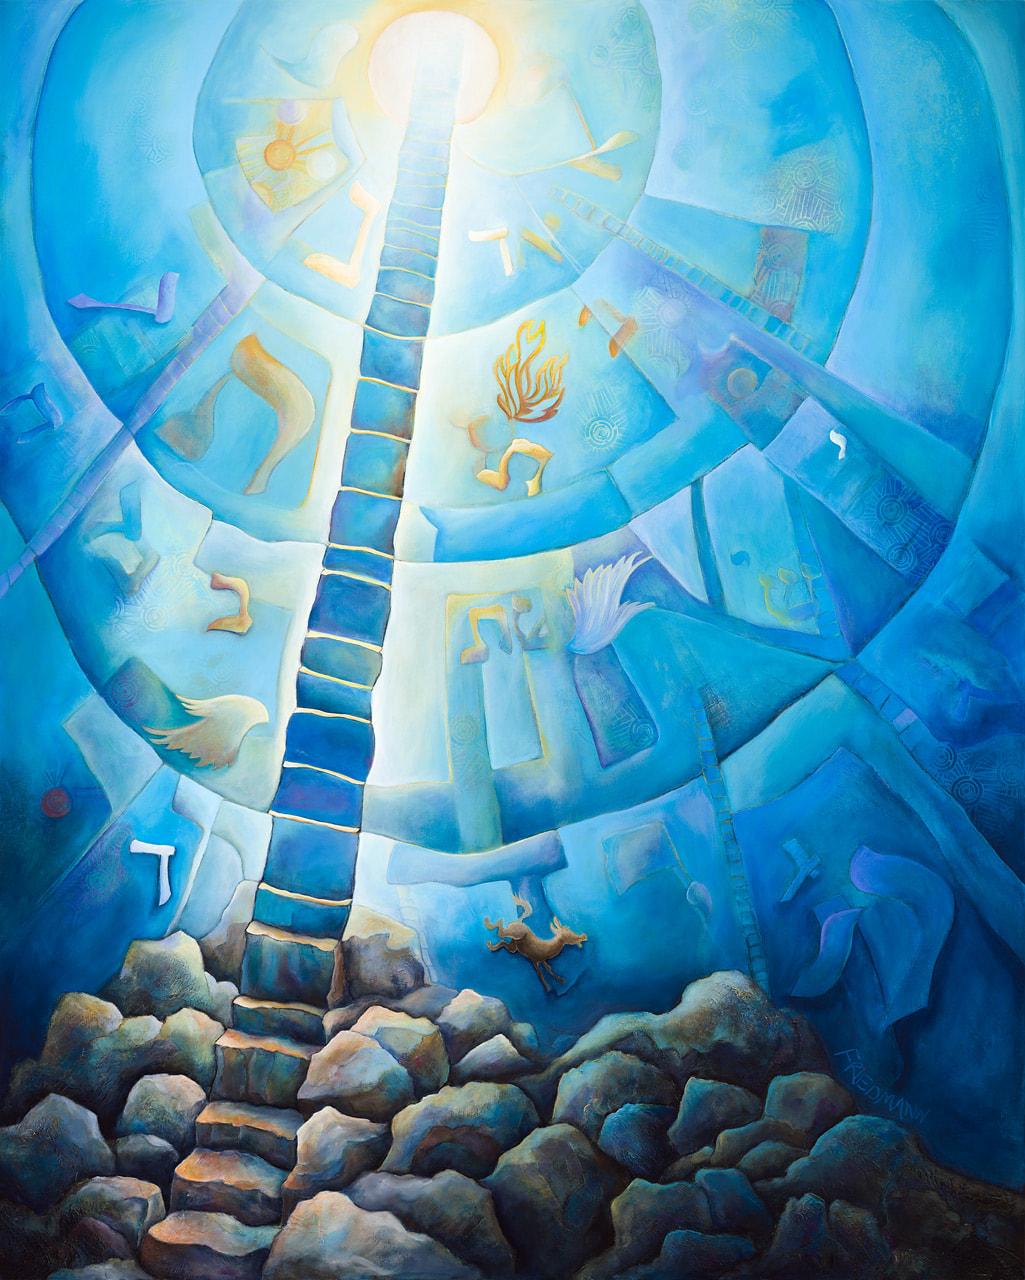 نزول عيسى المسيح (سلامه علينا)